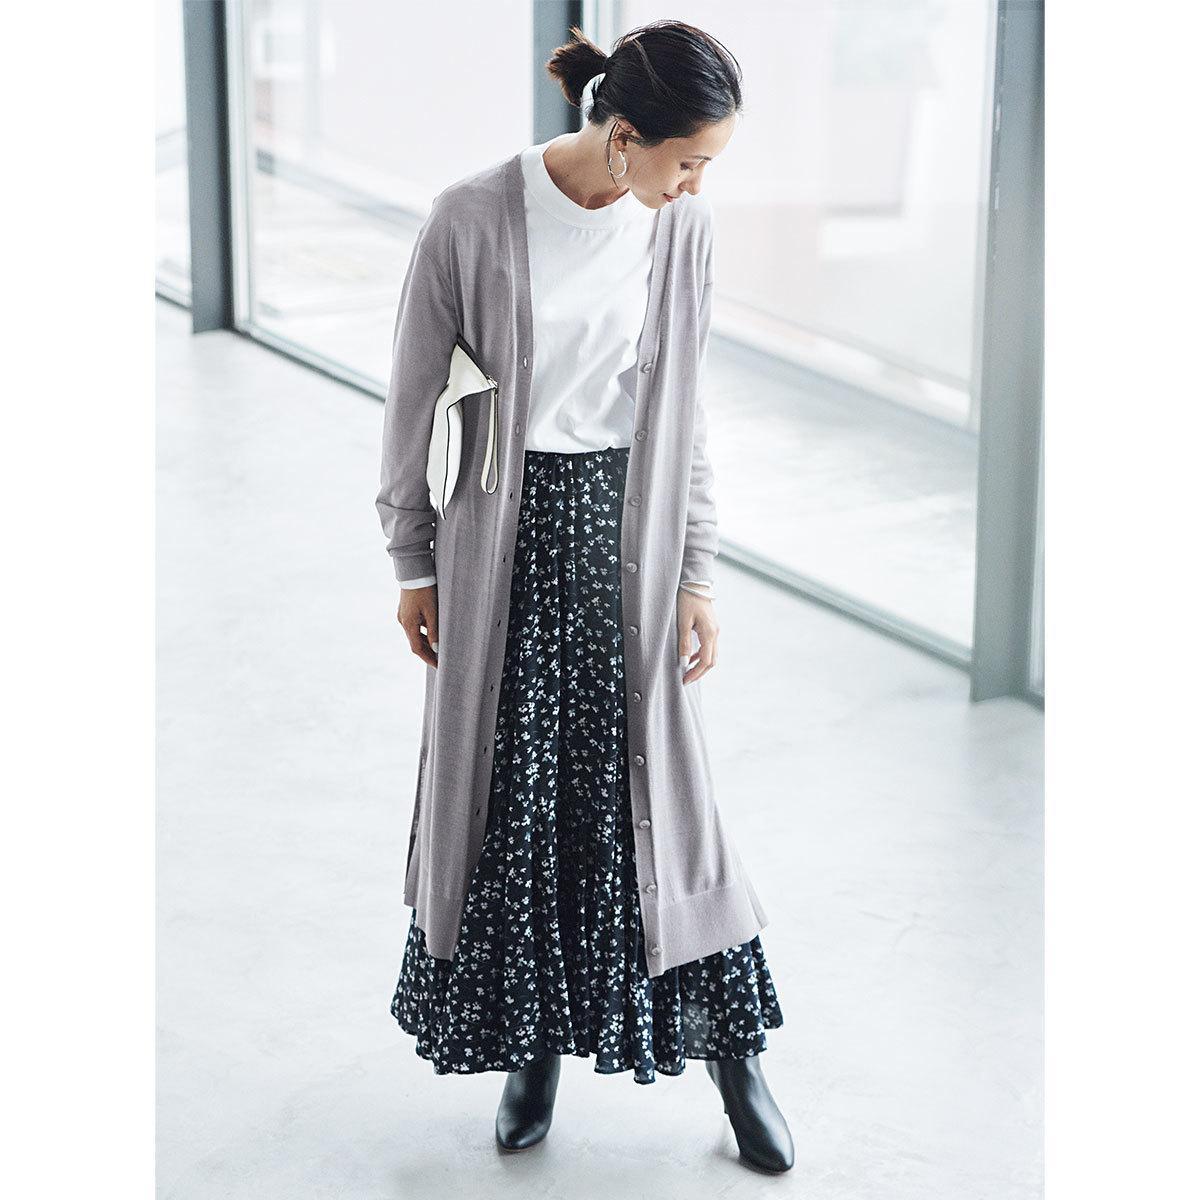 平均気温25度の初秋にベストな服装は? 季節の変わり目に着たいコーデ|40代ファッションまとめ_1_9